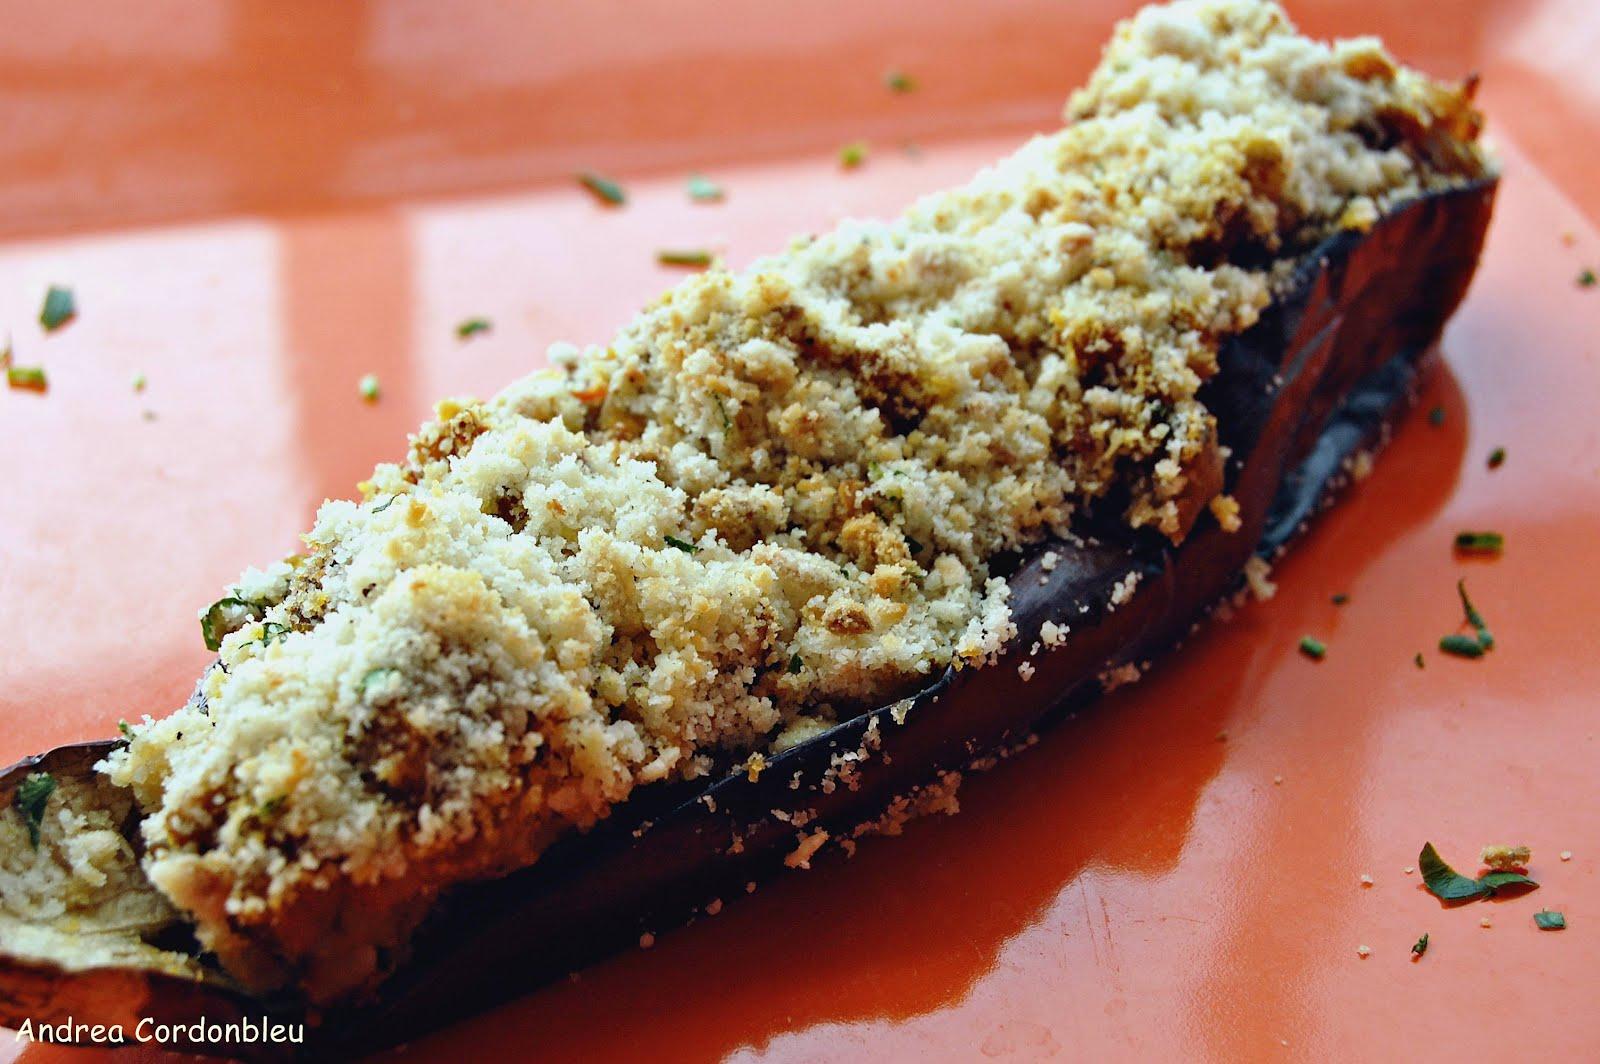 Cordonbleu escuela de cocina barbate cocina griega - Escuela de cocina vegetariana ...